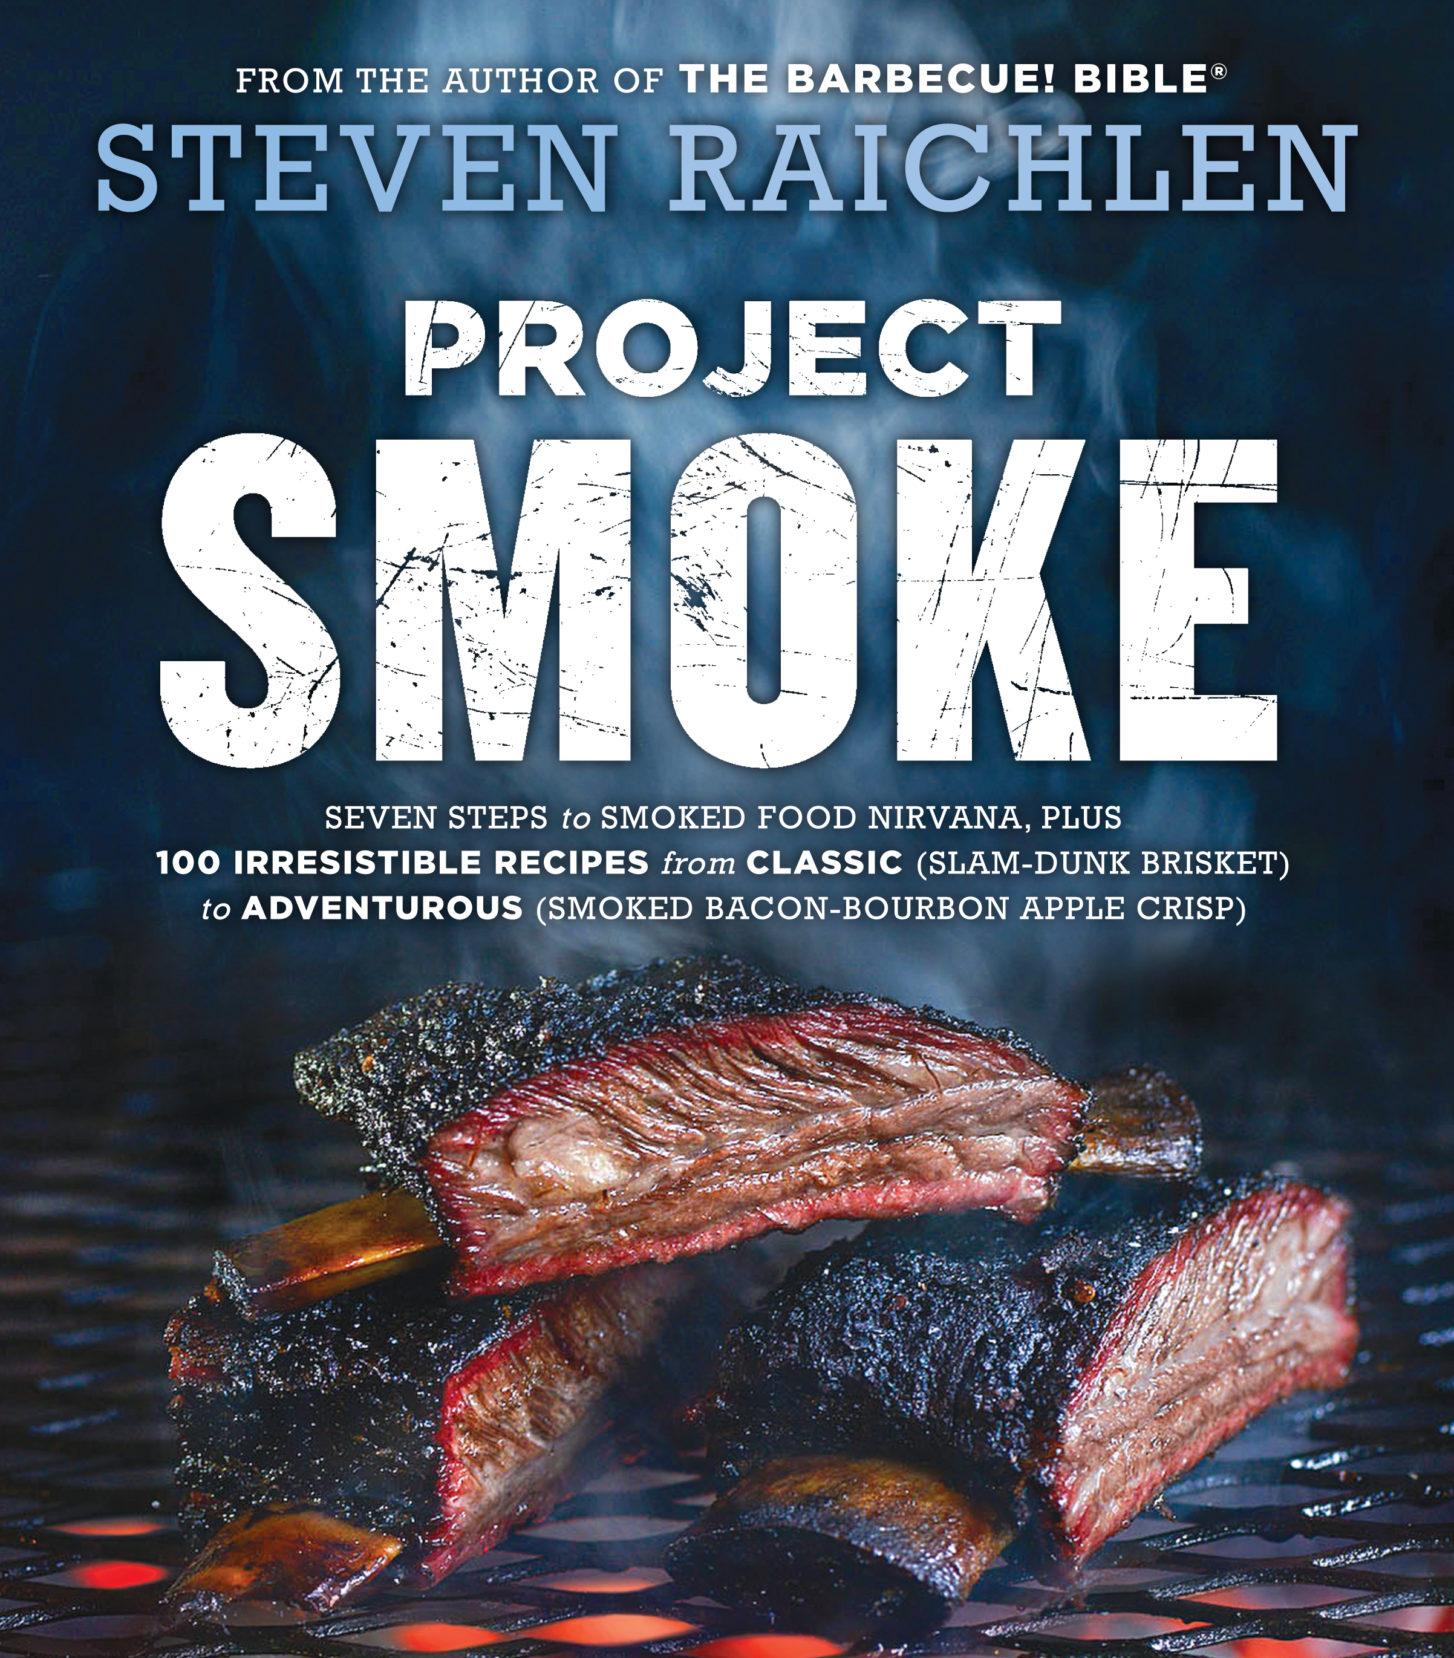 Extrait de Pro du fumoir de Steven Raichlen publié aux Éditions de l'Homme.©2017 Crédit photo: Matthew Benson